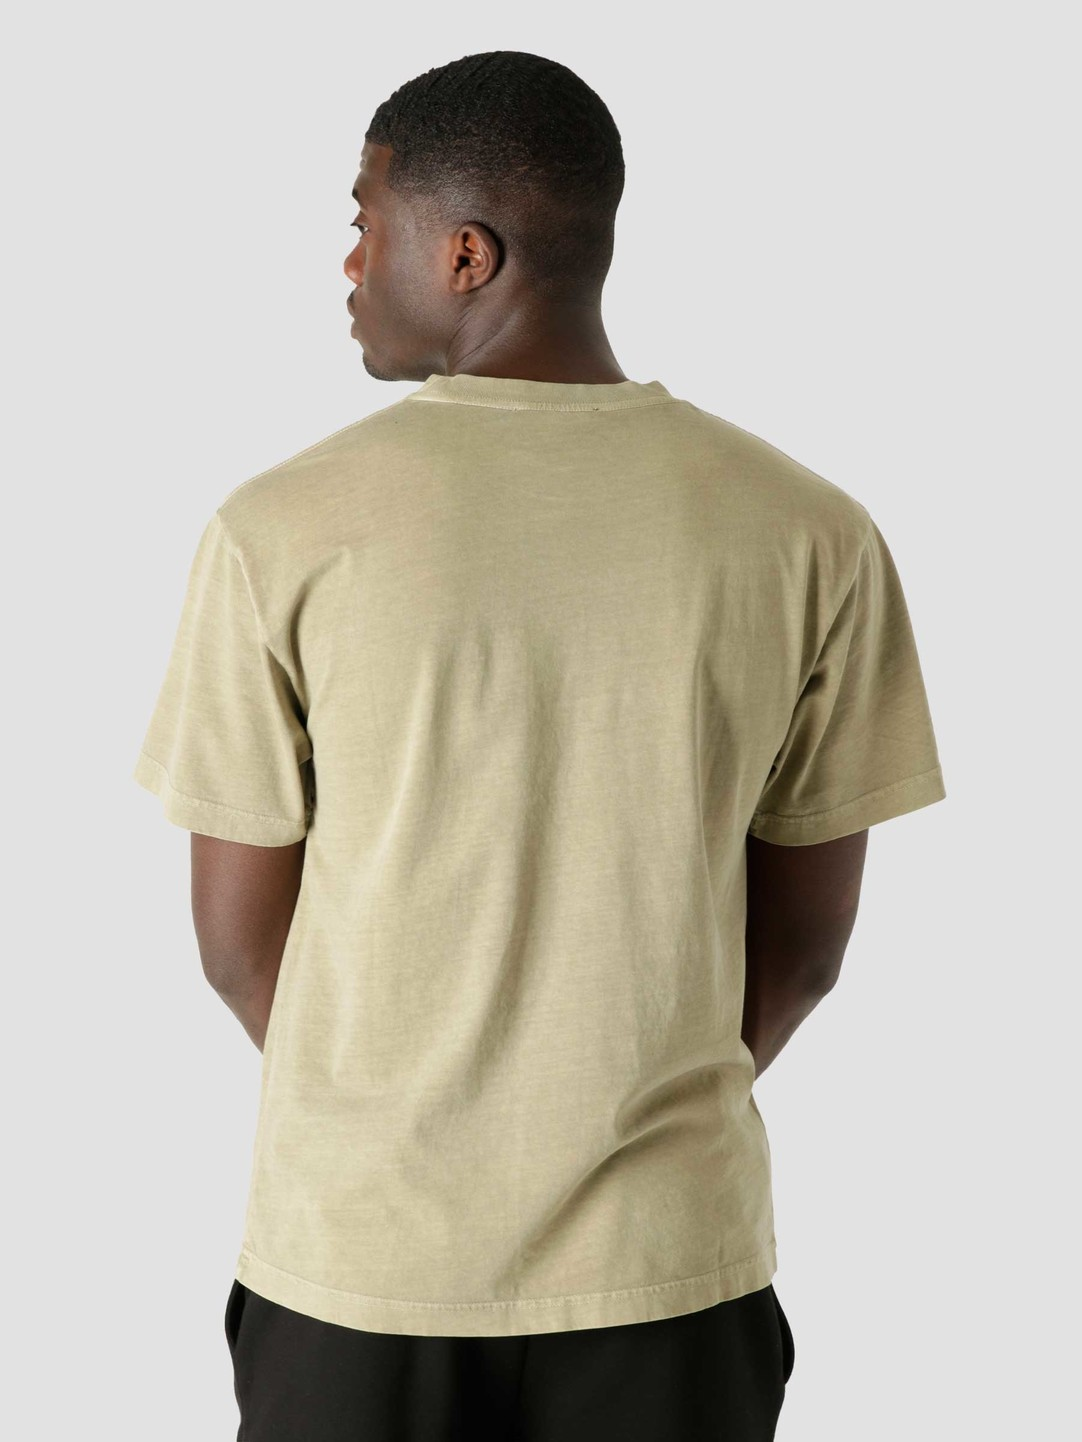 Olaf Hussein Olaf Hussein OLAF Chainstitch T-Shirt Moss Green